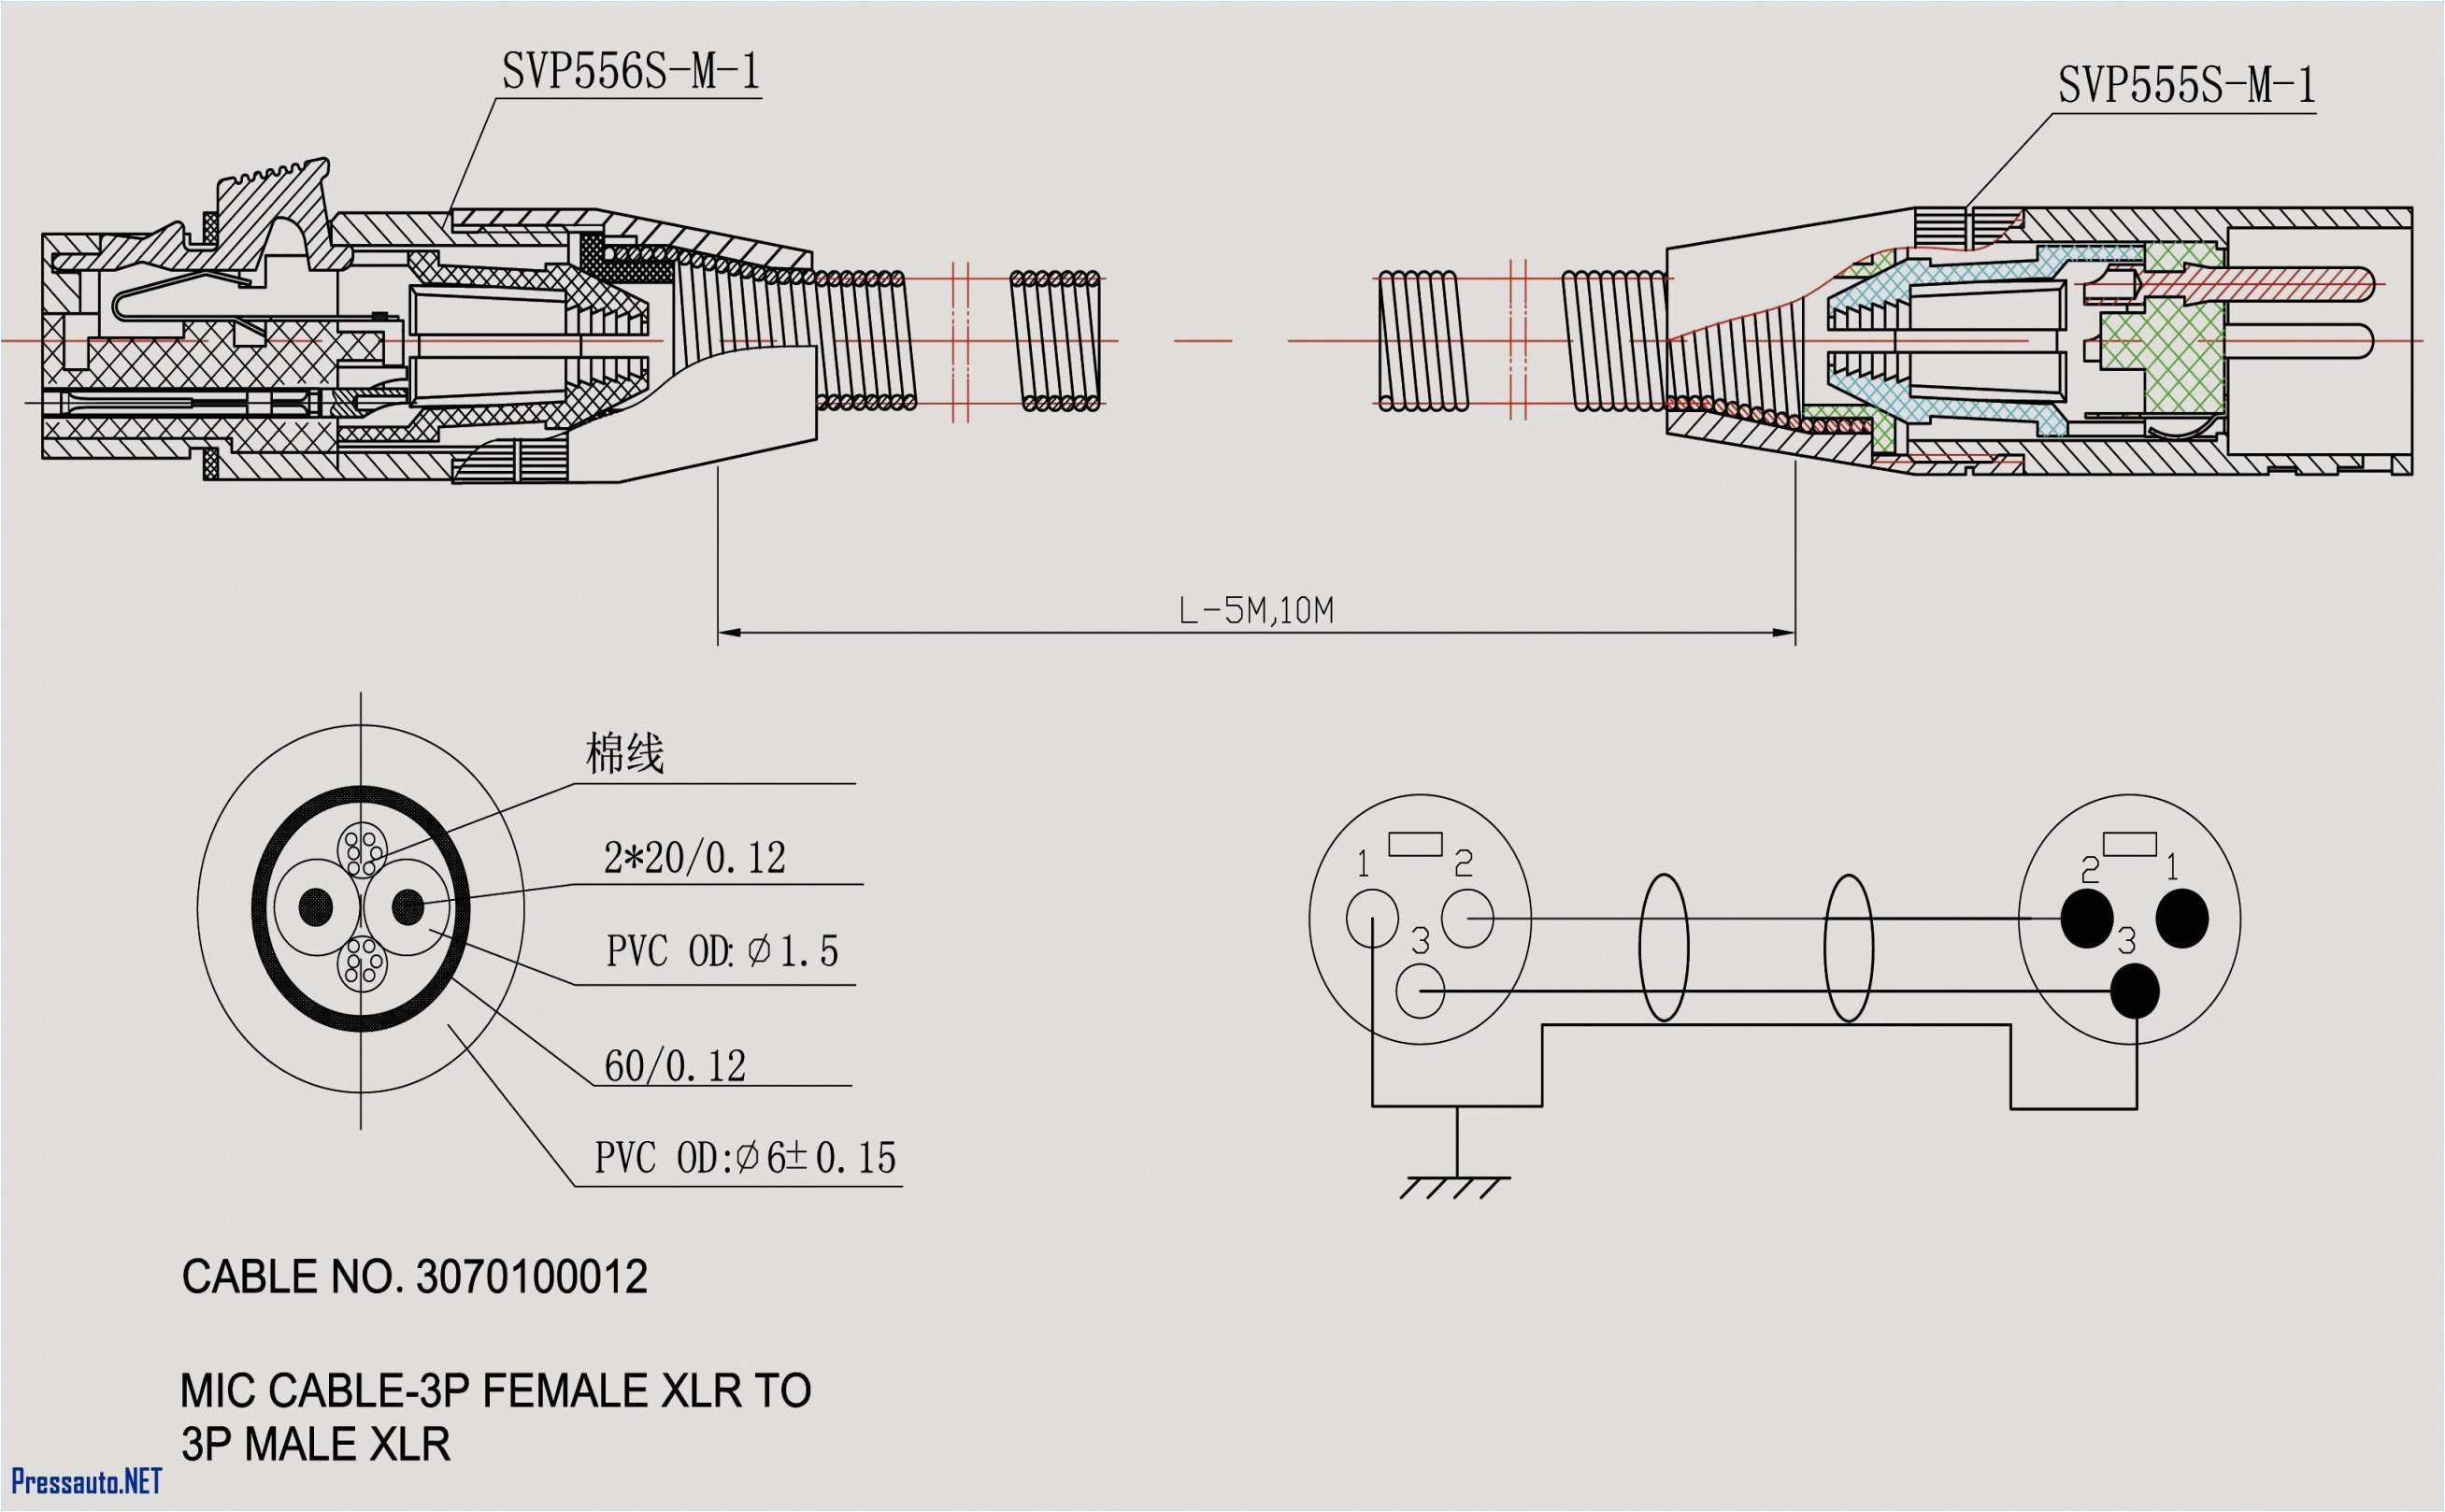 cj3 wiring diagram wiring diagram user cj3 wiring diagram